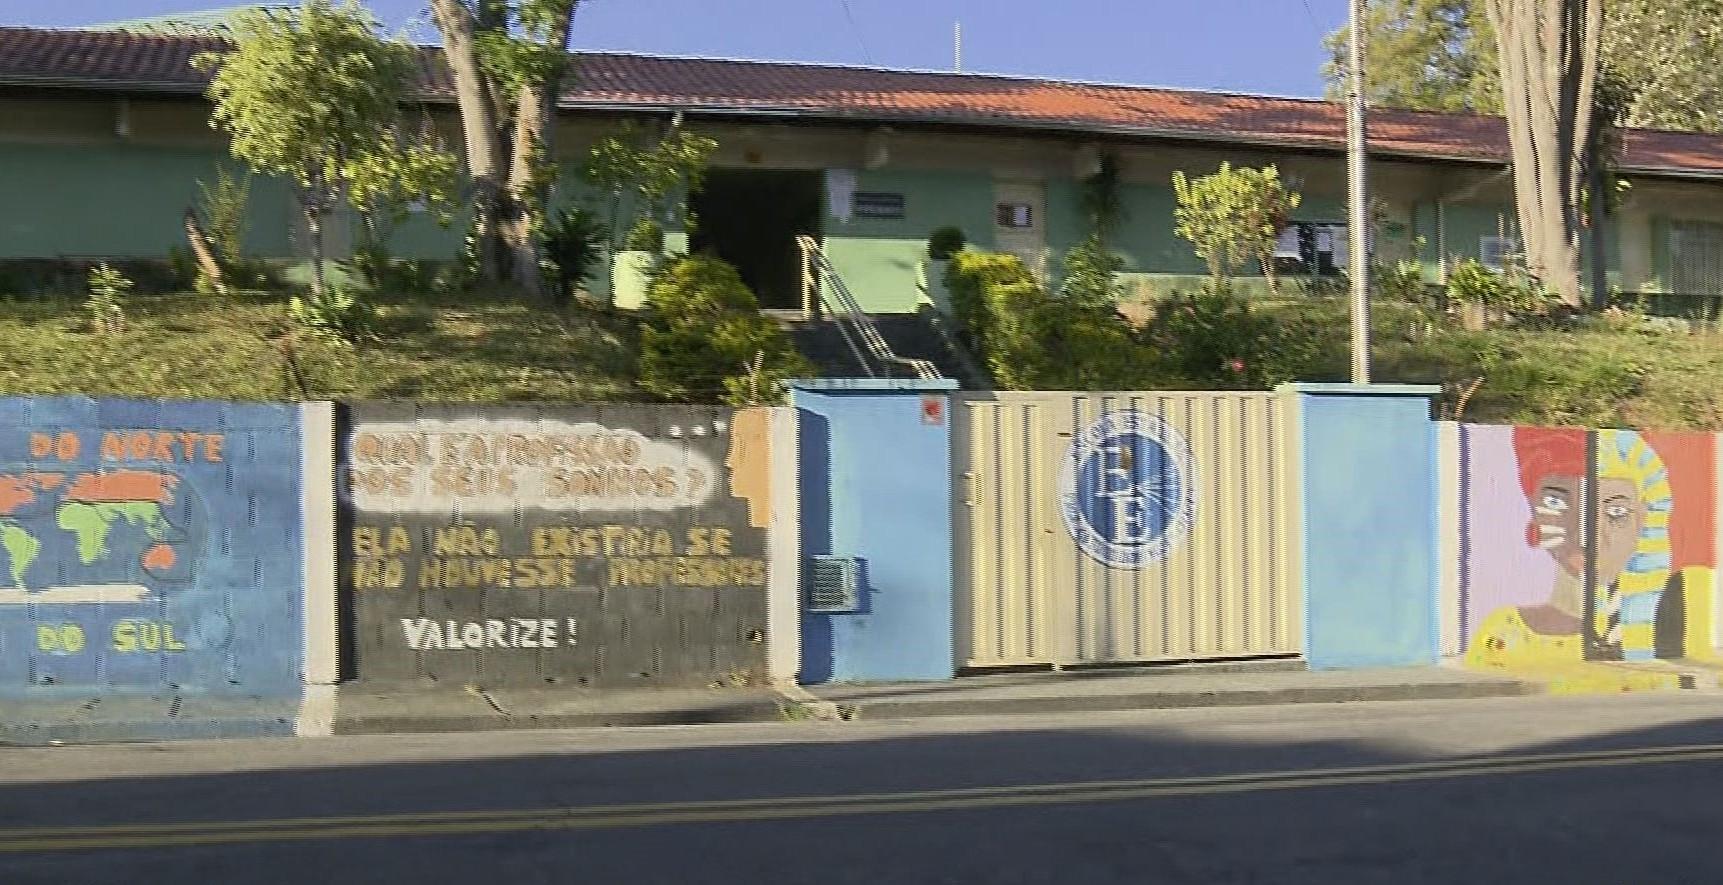 Escolas e centros de educação no Sul de MG suspendem aulas em dia de paralisação - Notícias - Plantão Diário